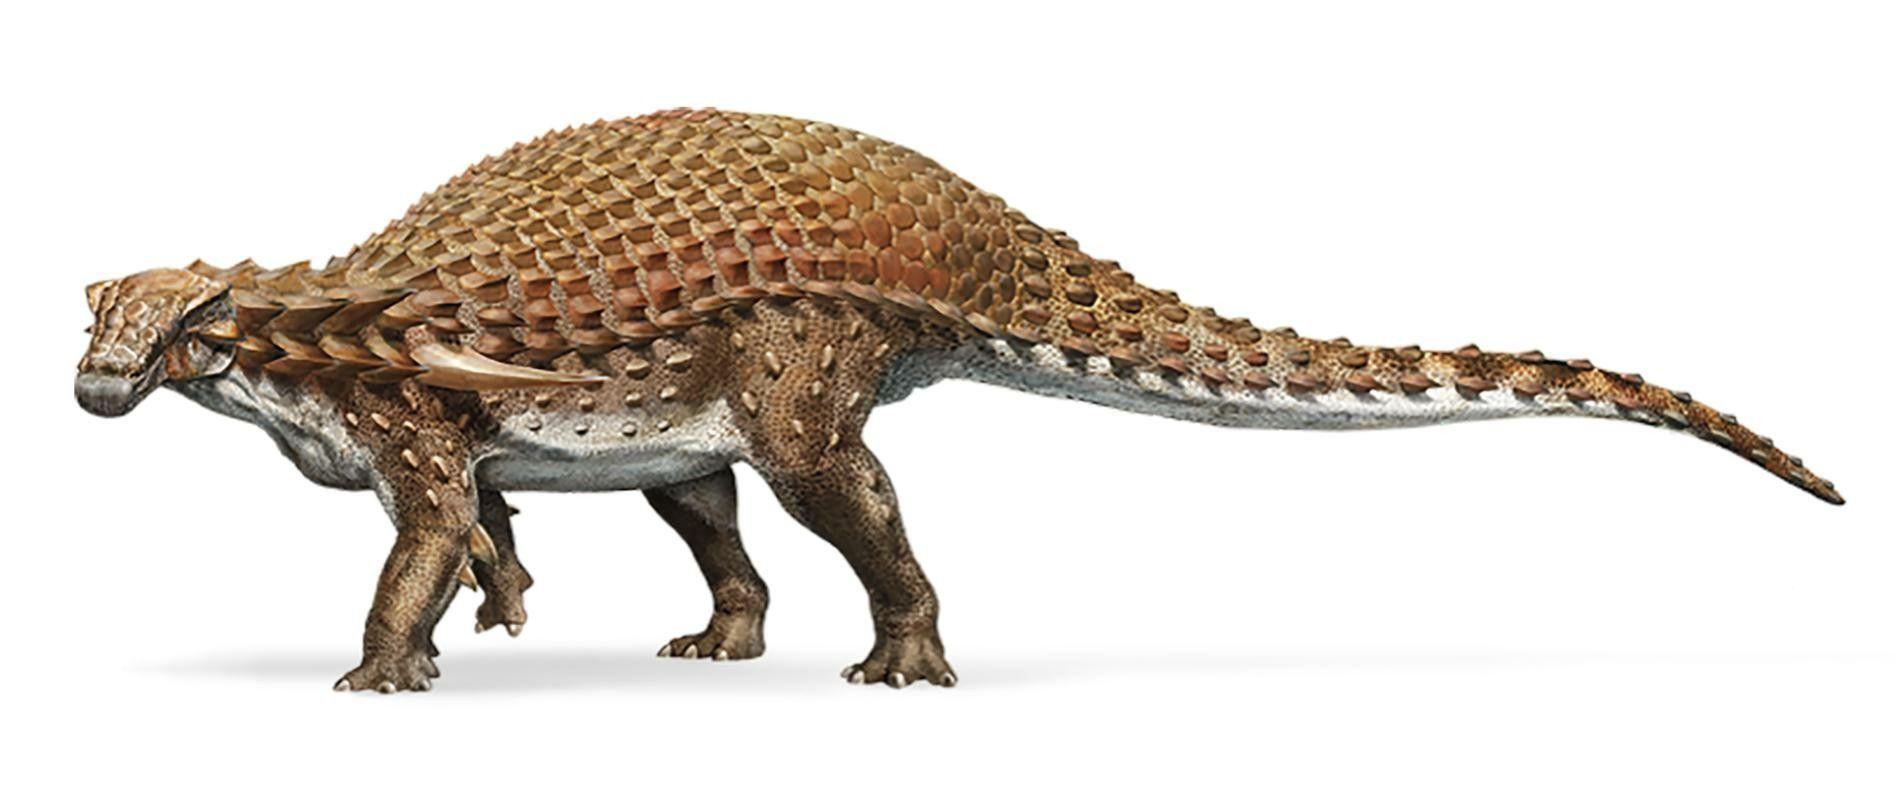 史上最高の保存状態の化石 カナダで発見されたノドサウルスの化石